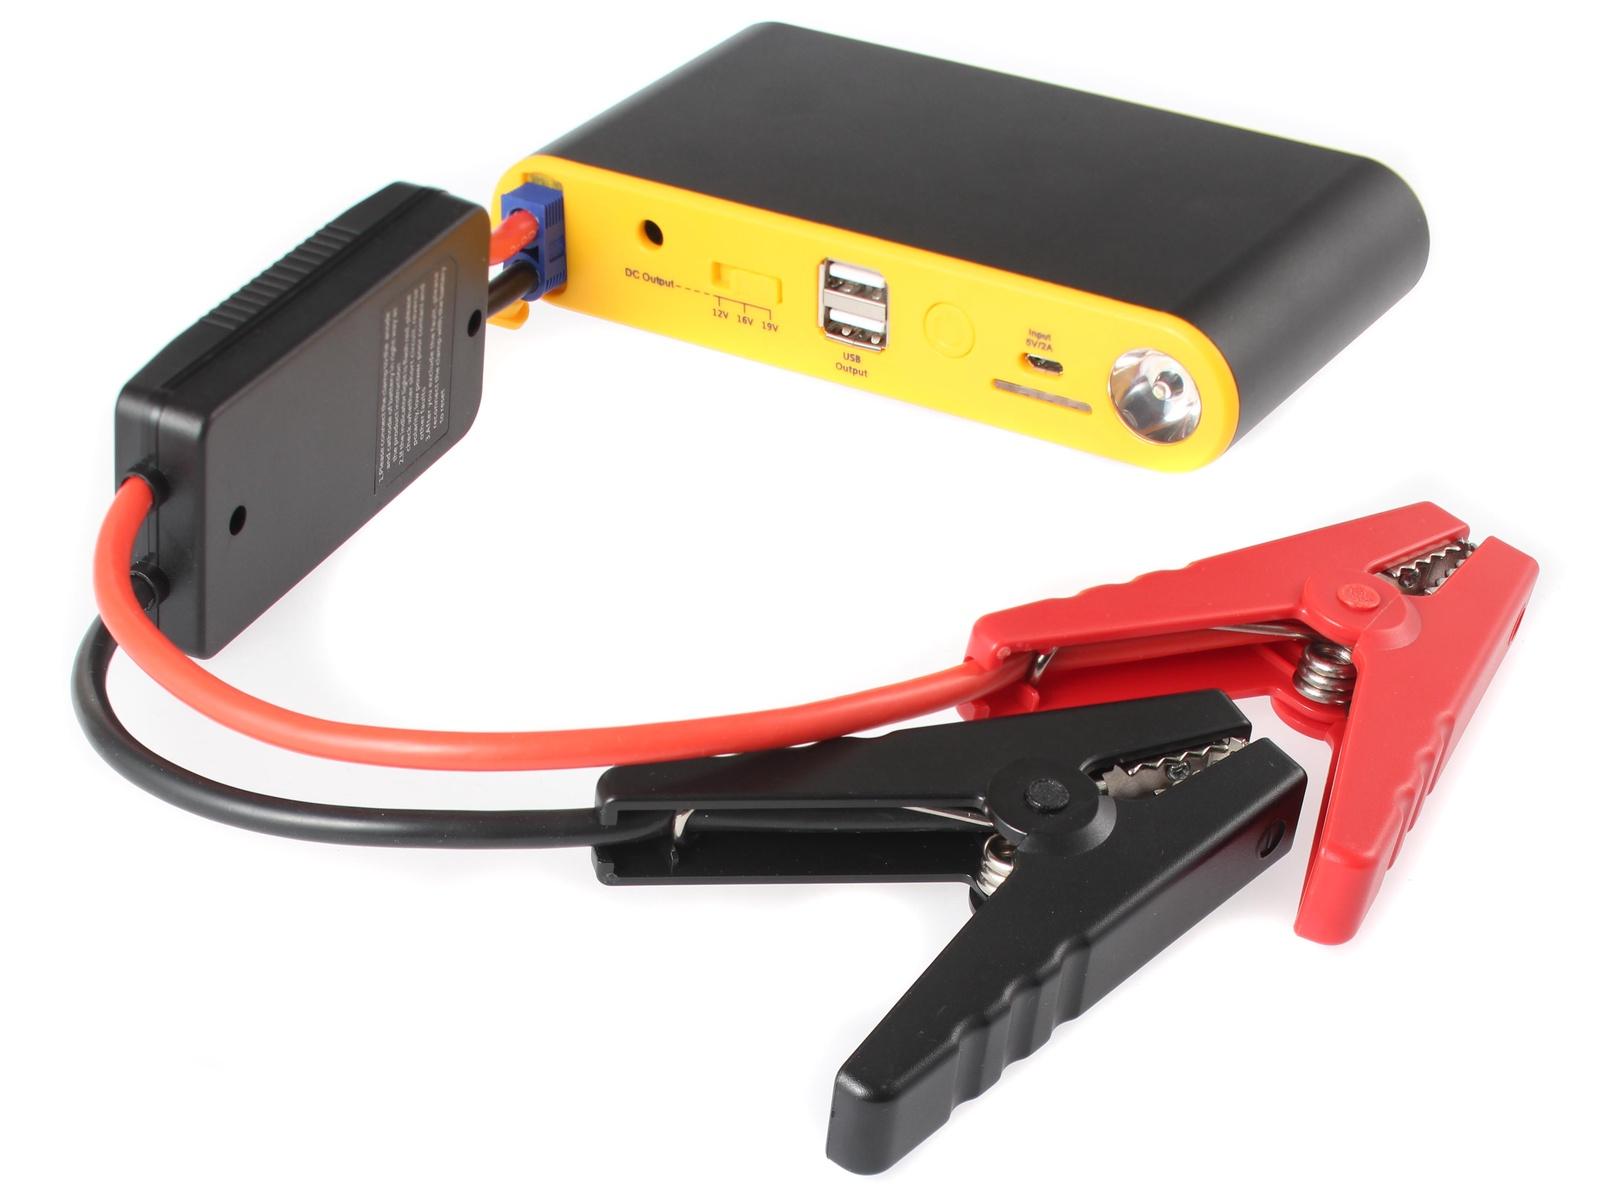 Портативное пусковое устройство автомобиля iBatt iB-S937. JumpStarter - PowerBank с интеллектуальными силовыми проводами. аккумулятор для автомобиля выбрать